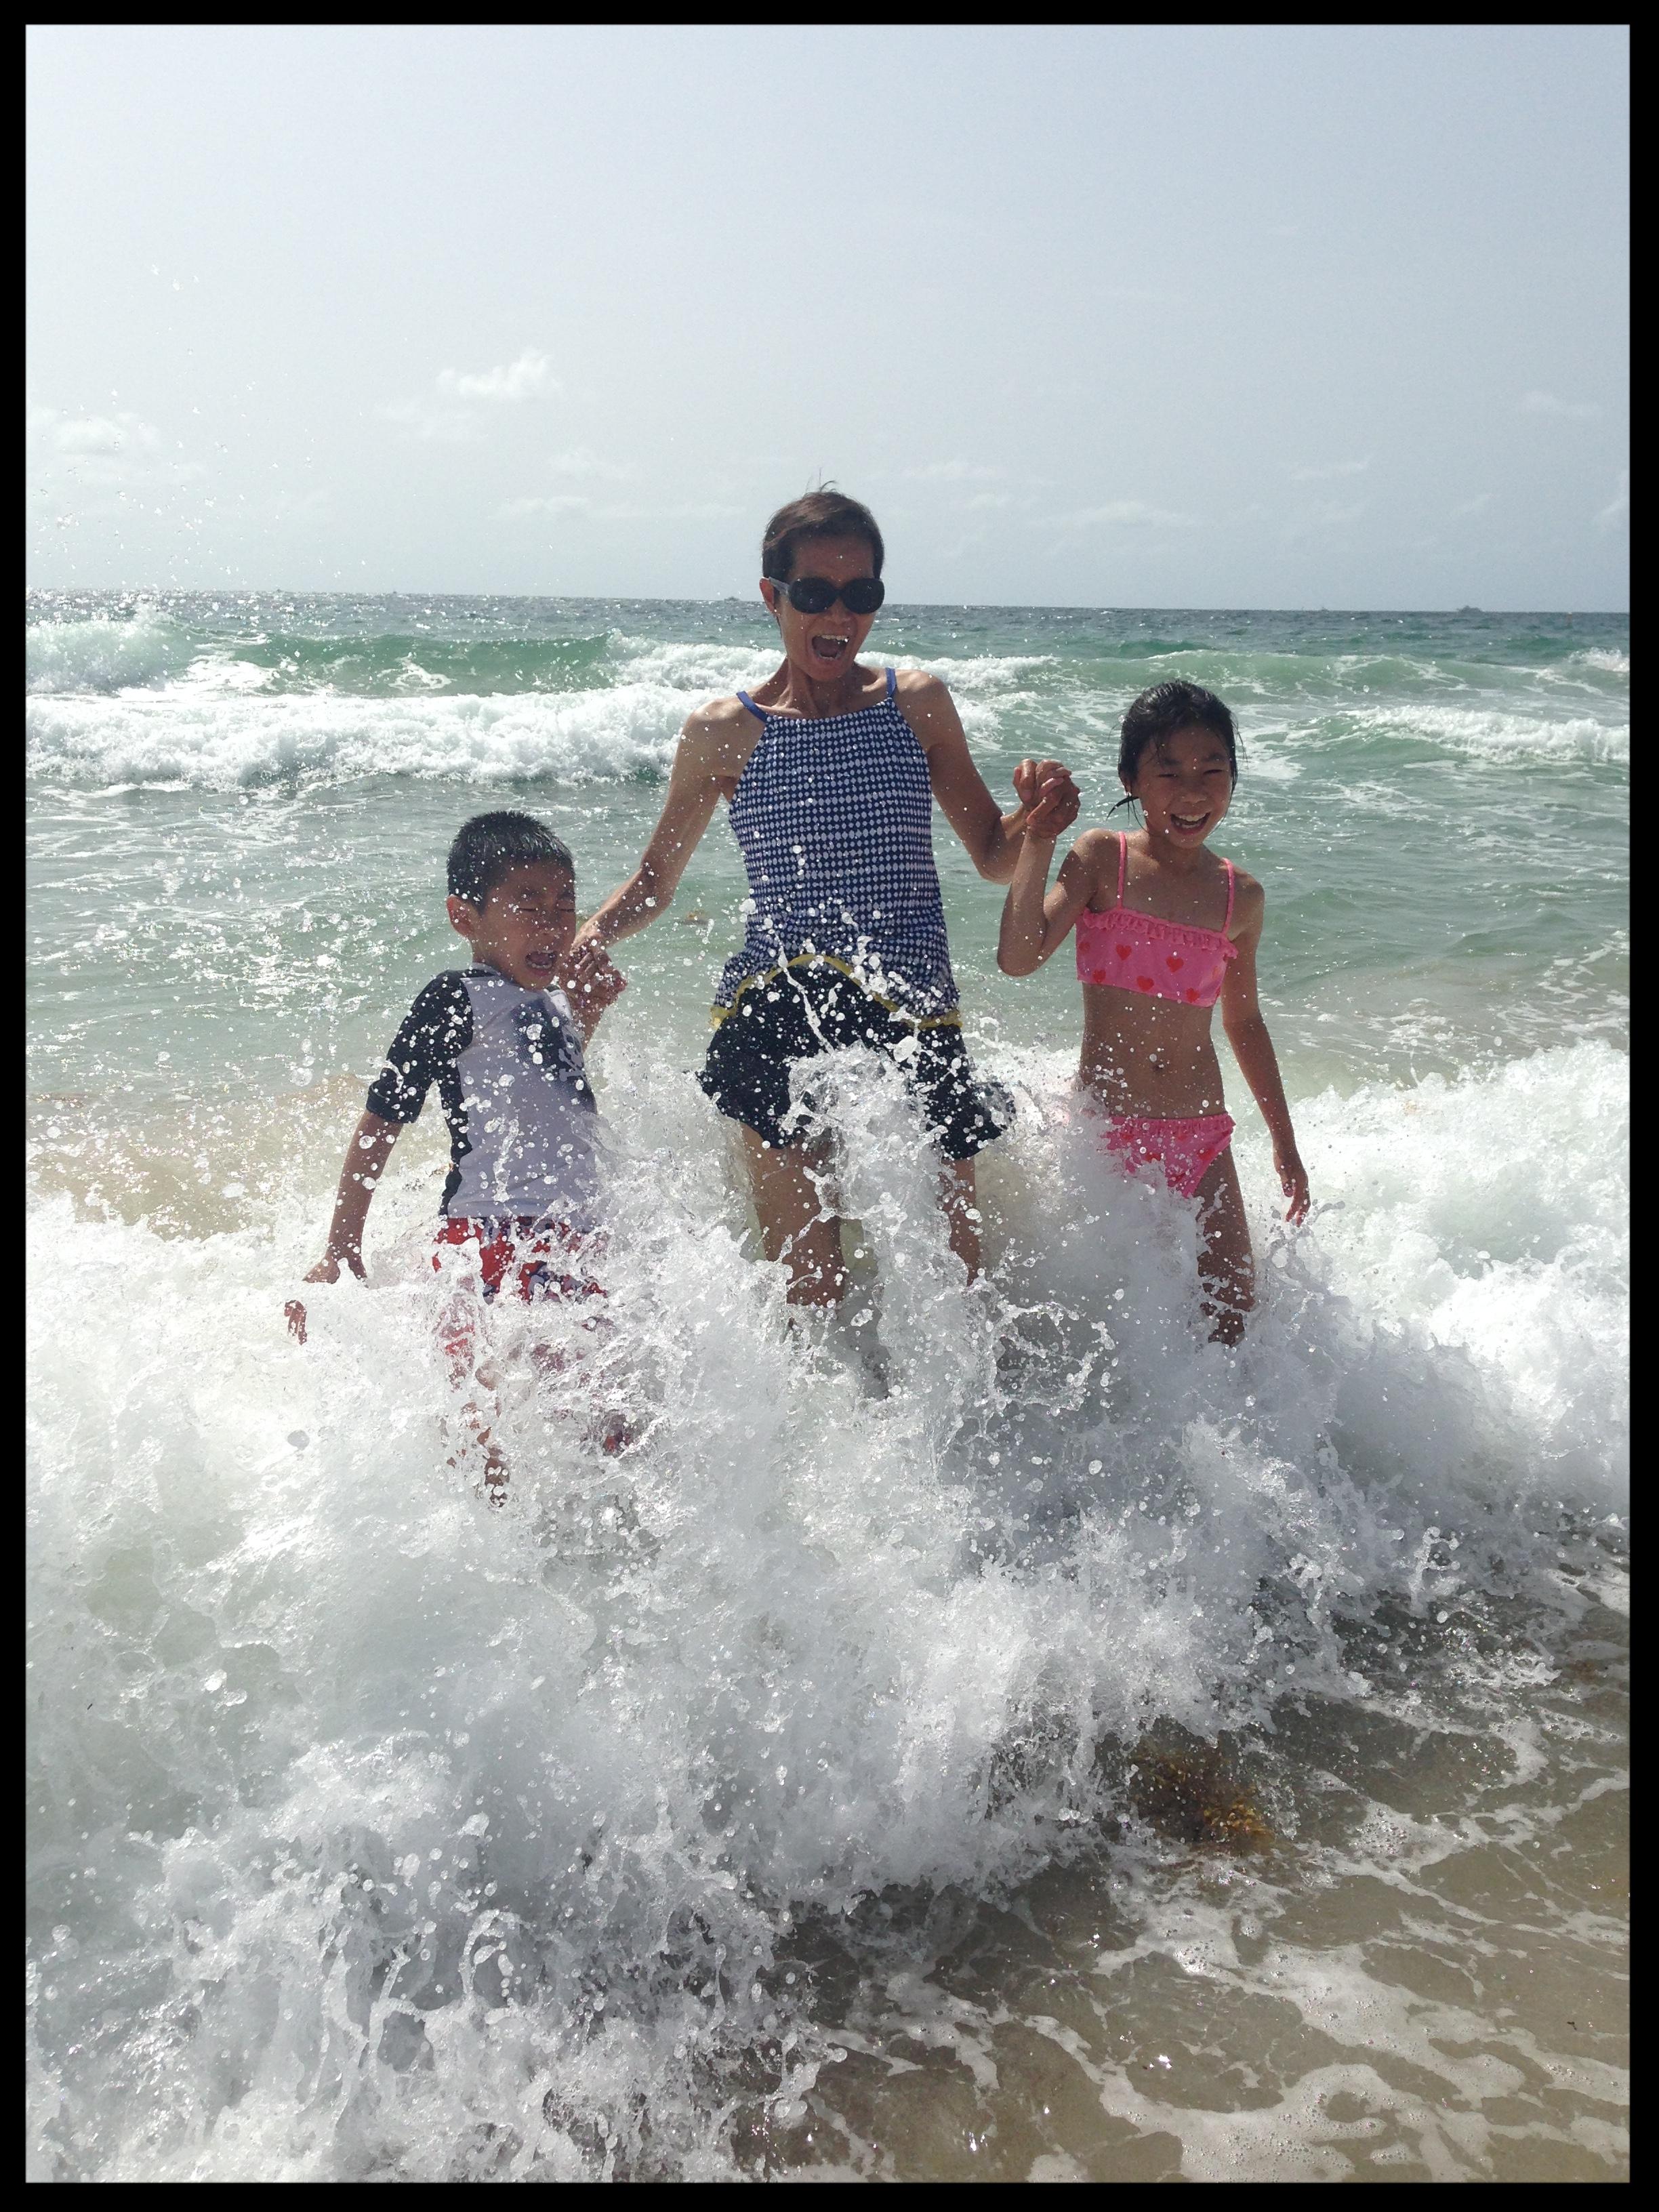 MICHELLE W KIDS IN WATER.JPG